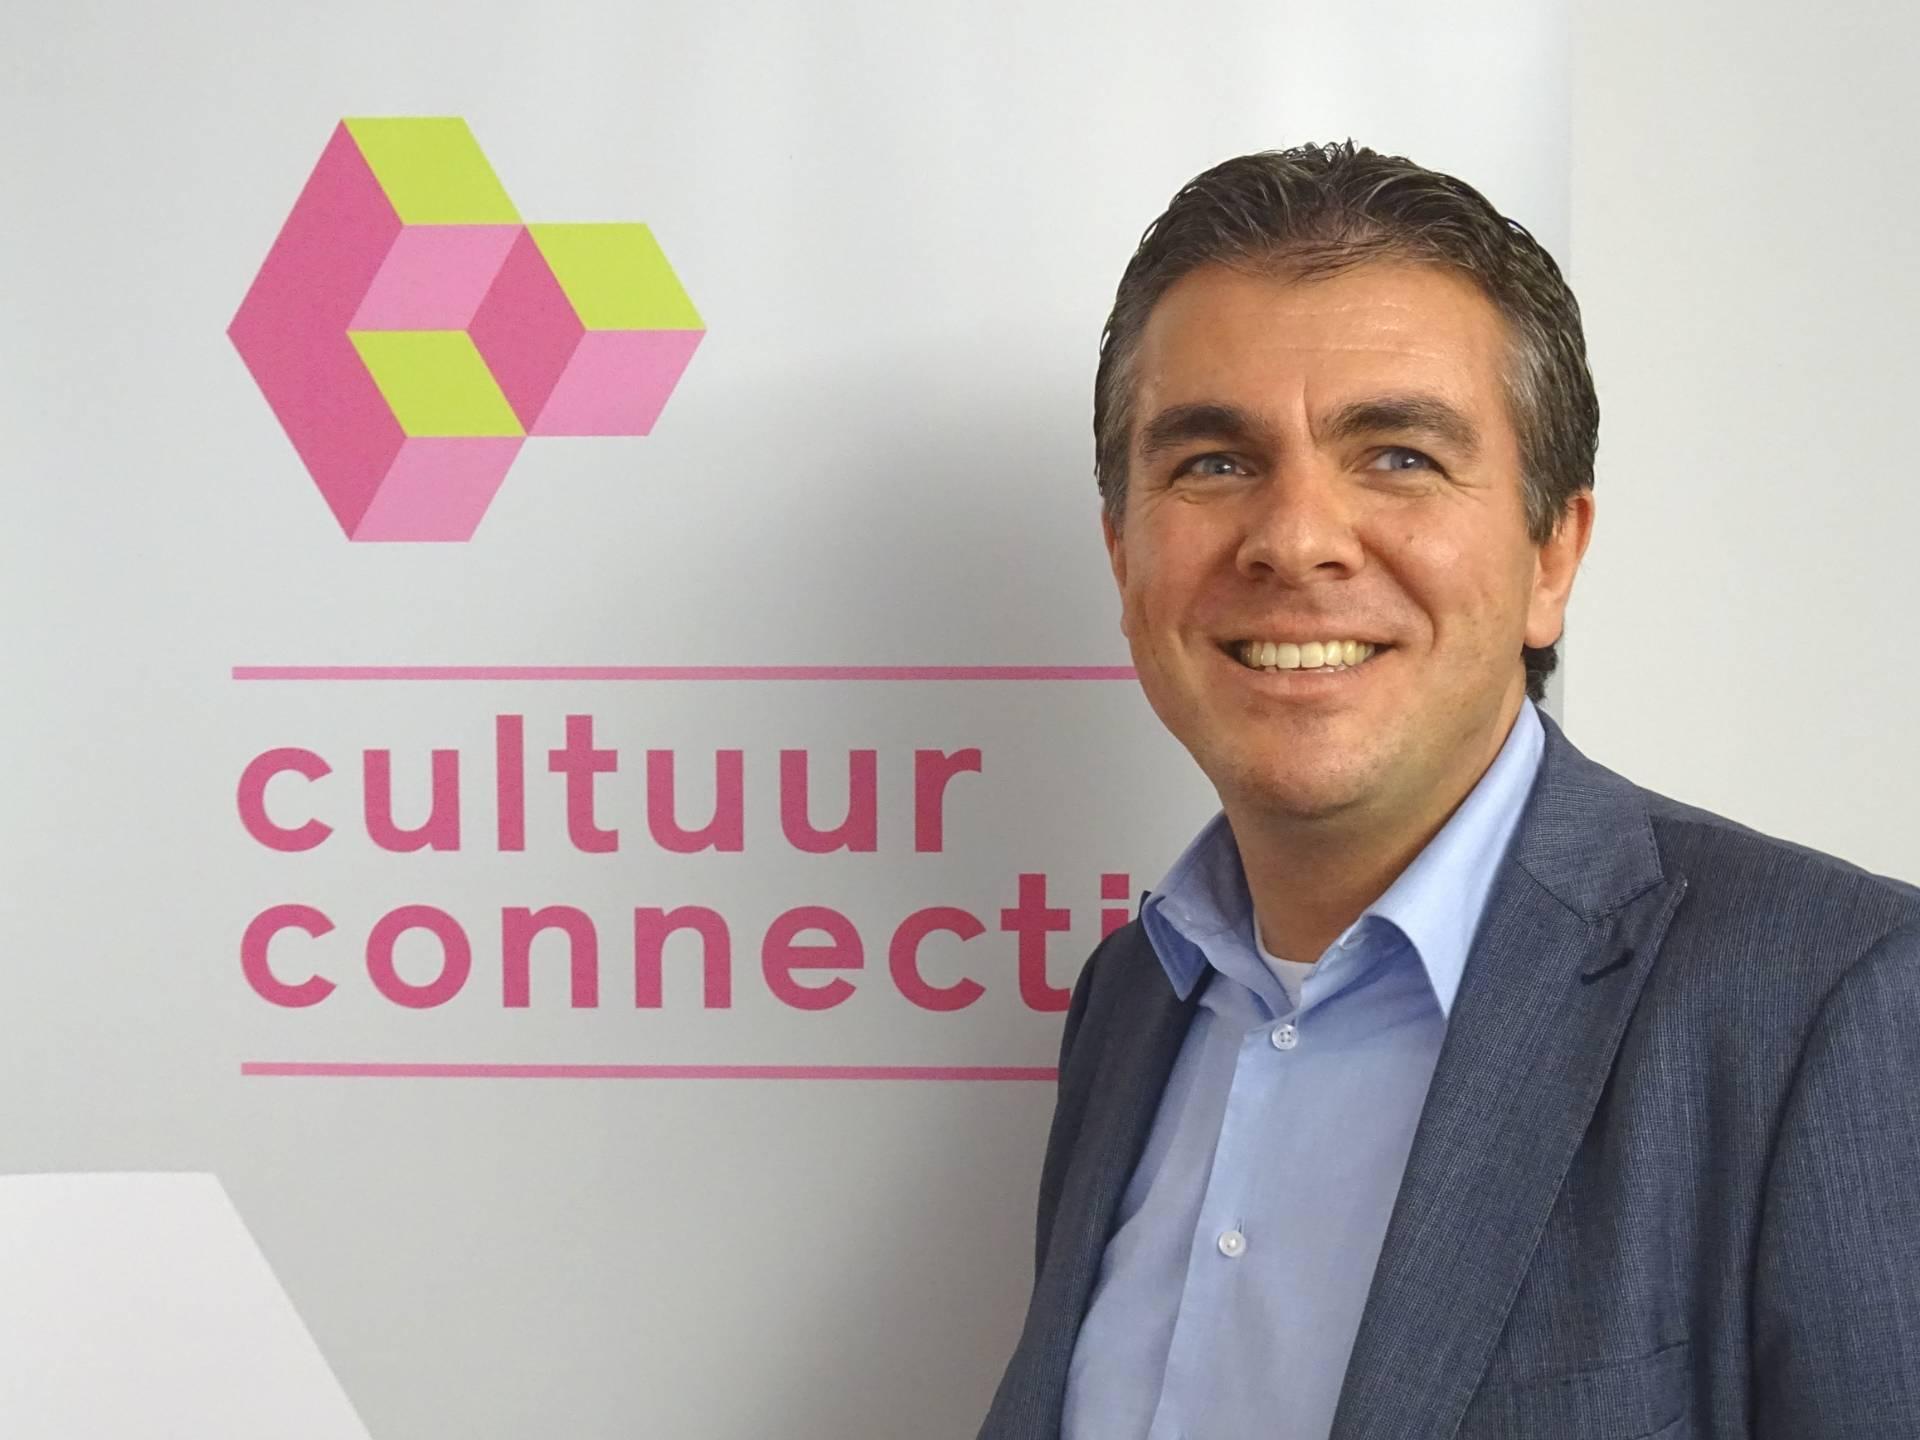 Portretfoto van René de Kok, commercieel manager Cultuurconnectie